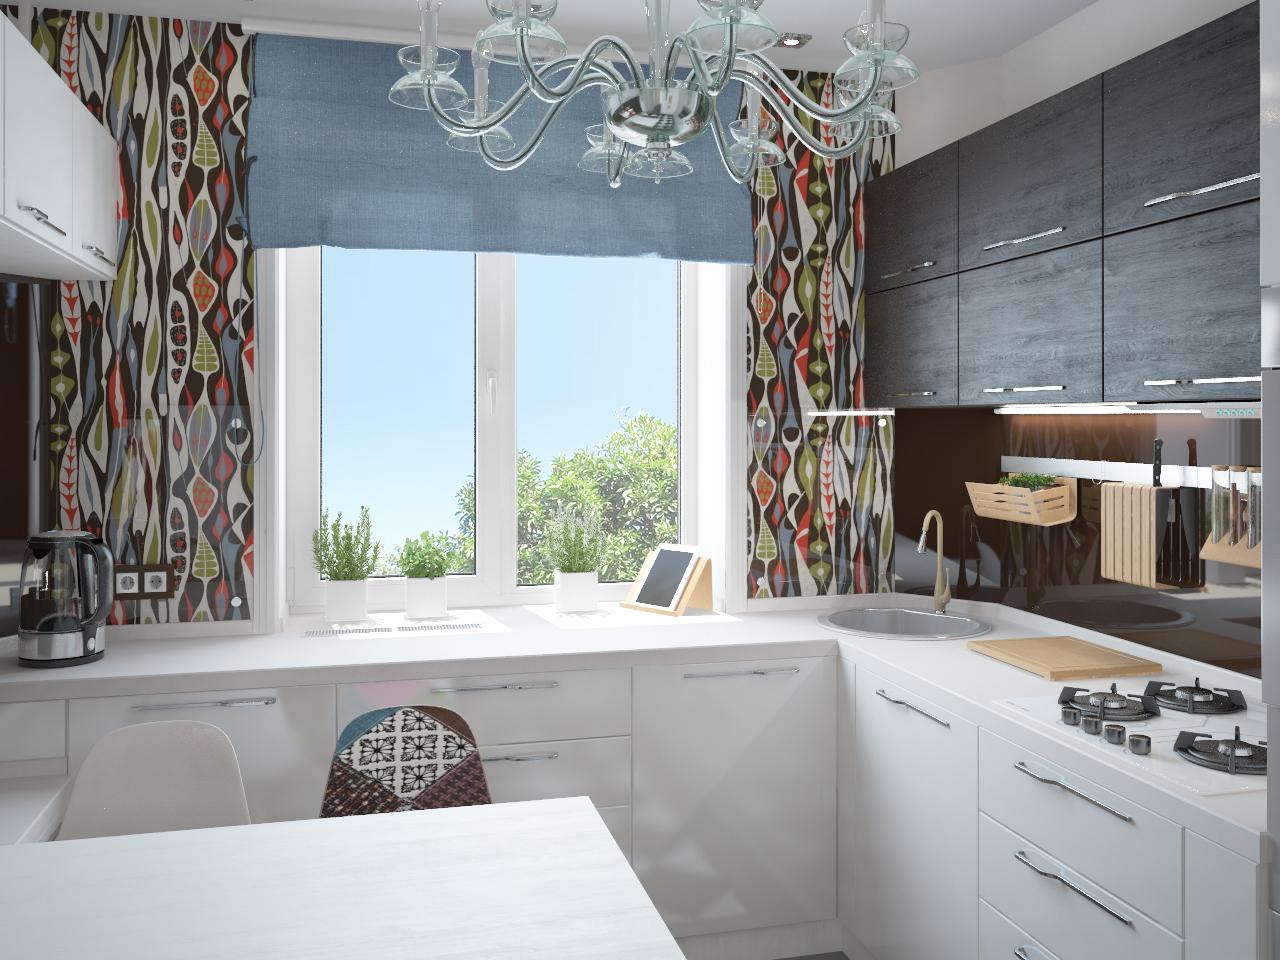 фото кухни рабочая поверхность у окна здесь ценители культуры